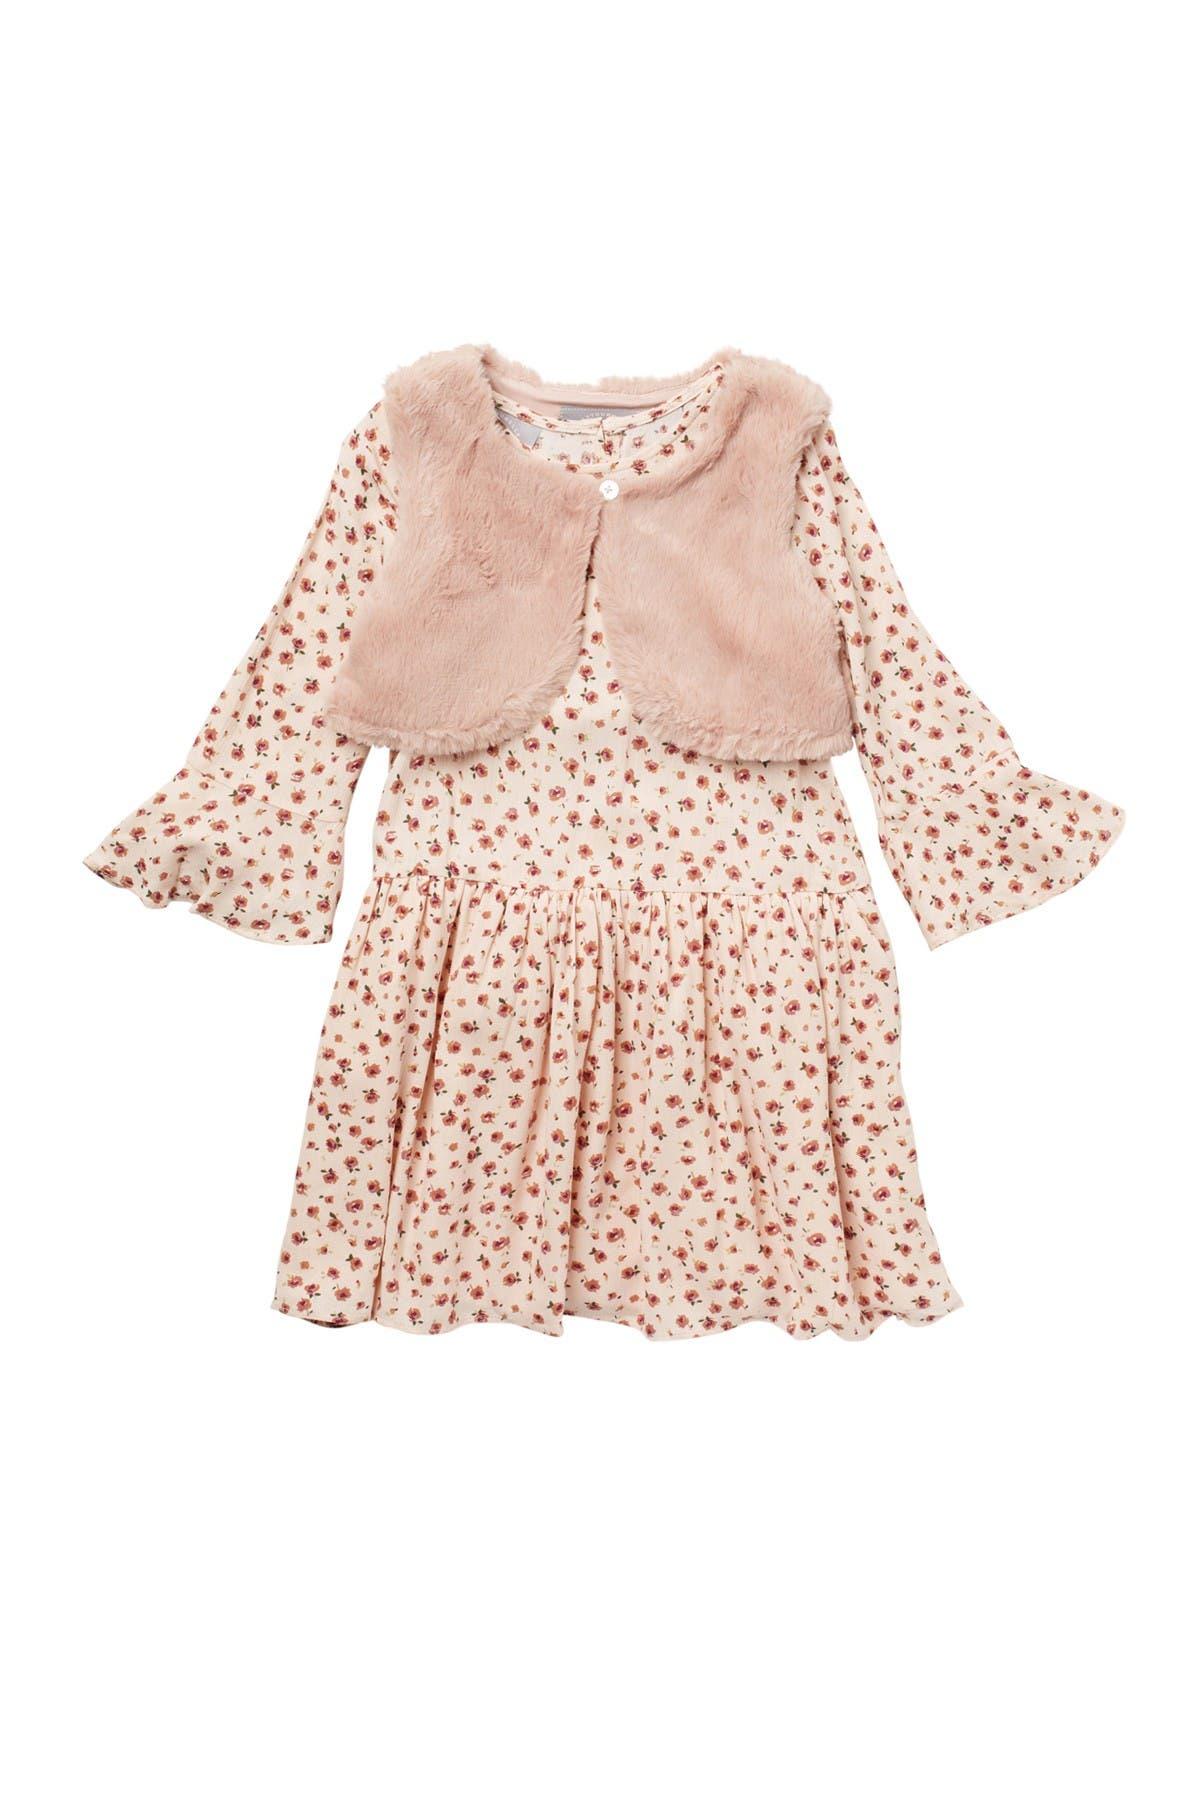 Image of Pastourelle by Pippa and Julie Floral Print Dress & Faux Fur Vest Set